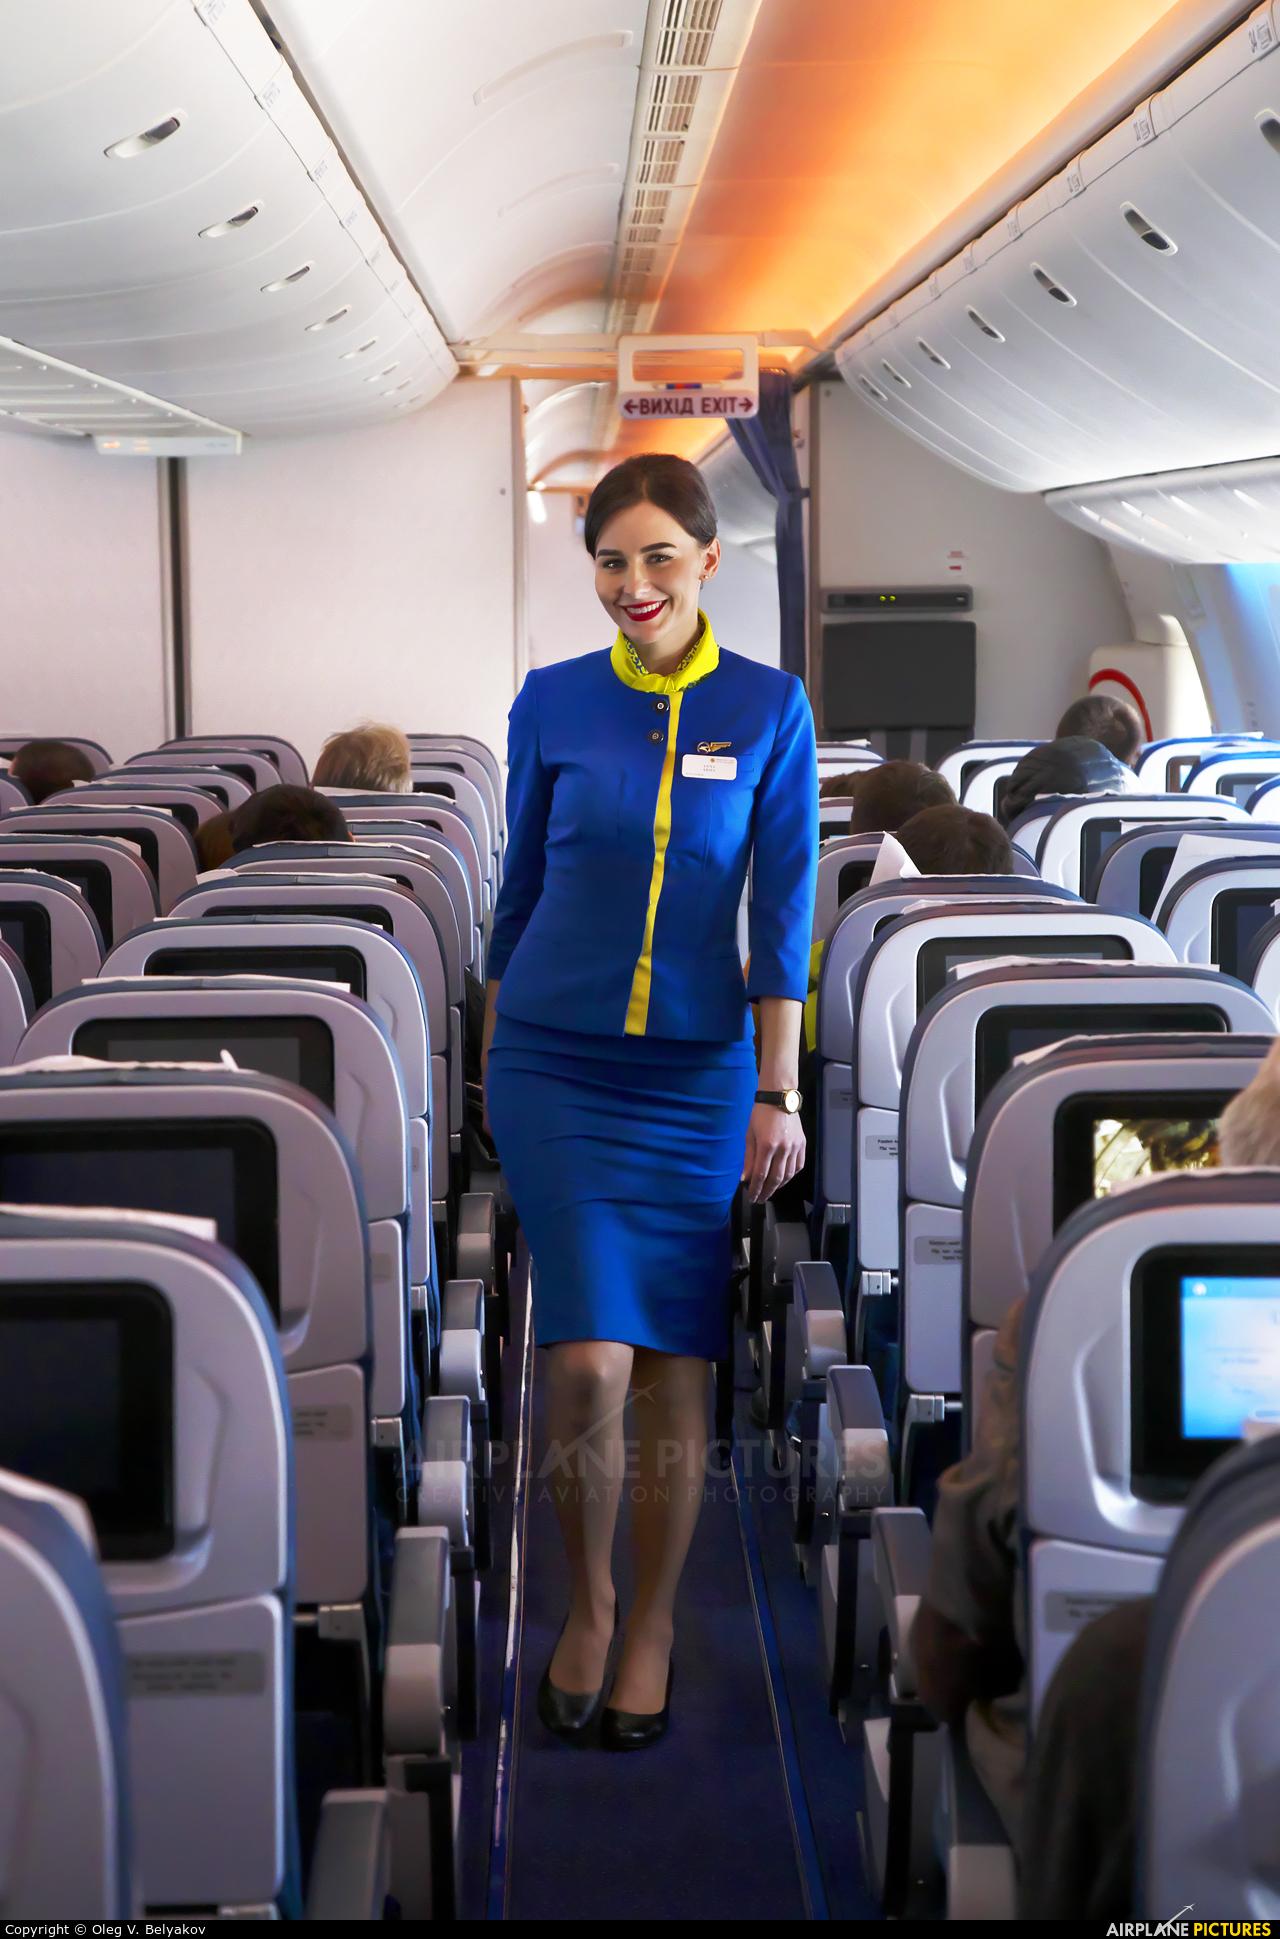 Ukraine International Airlines UR-GOA aircraft at In Flight - Ukraine